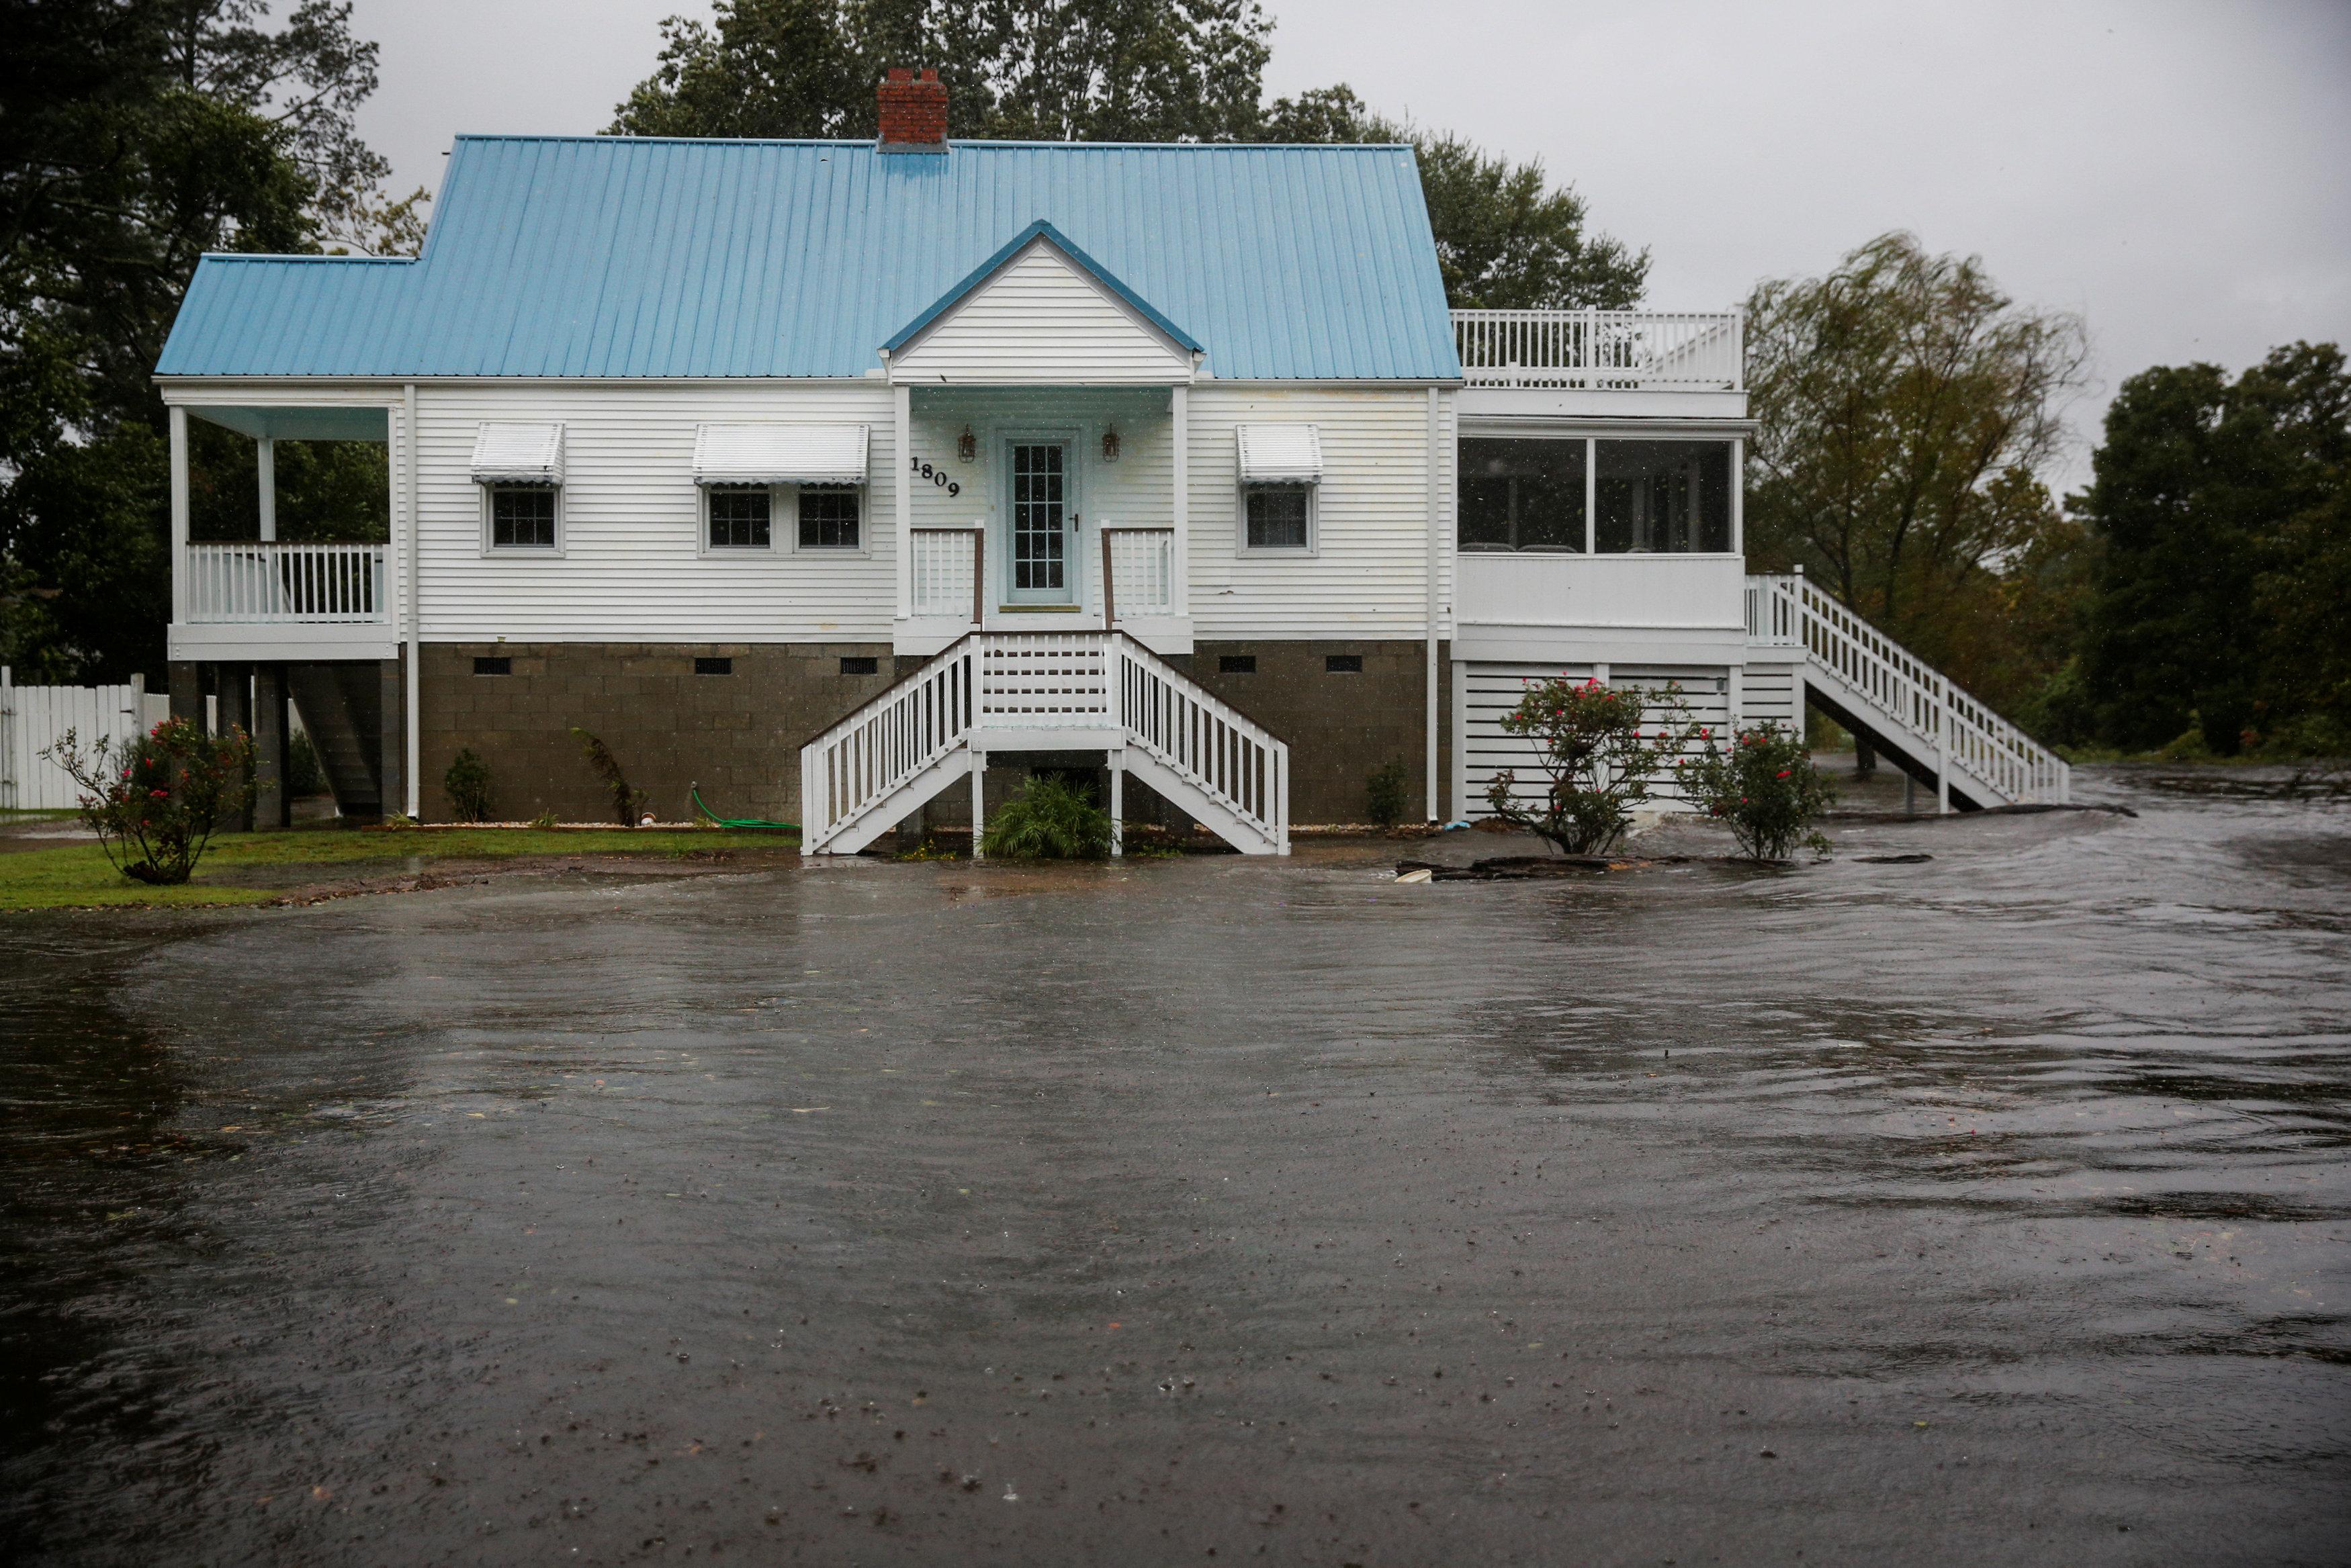 المياه تغمر الشوارع في إحدى مناطق نيو بيرن-نورث كارولاينا